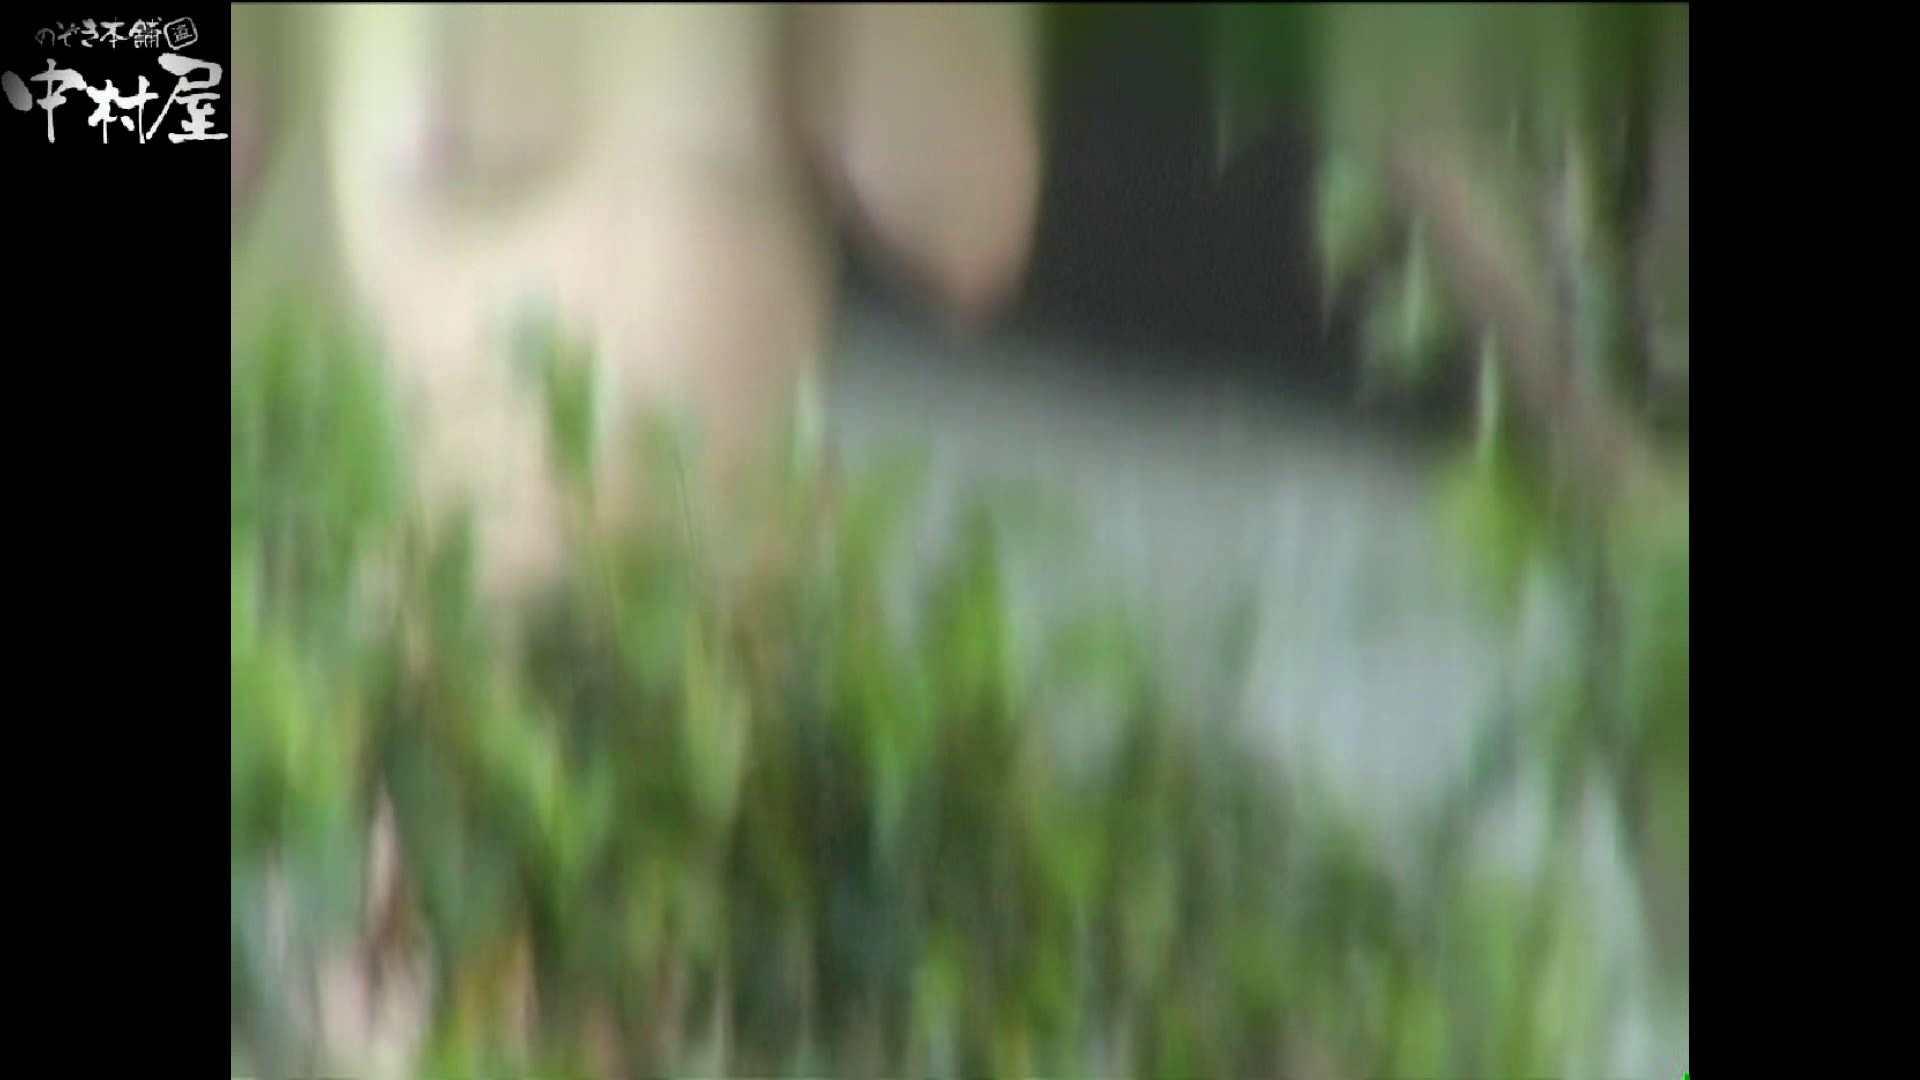 Aquaな露天風呂Vol.978 OLハメ撮り  57Pix 25